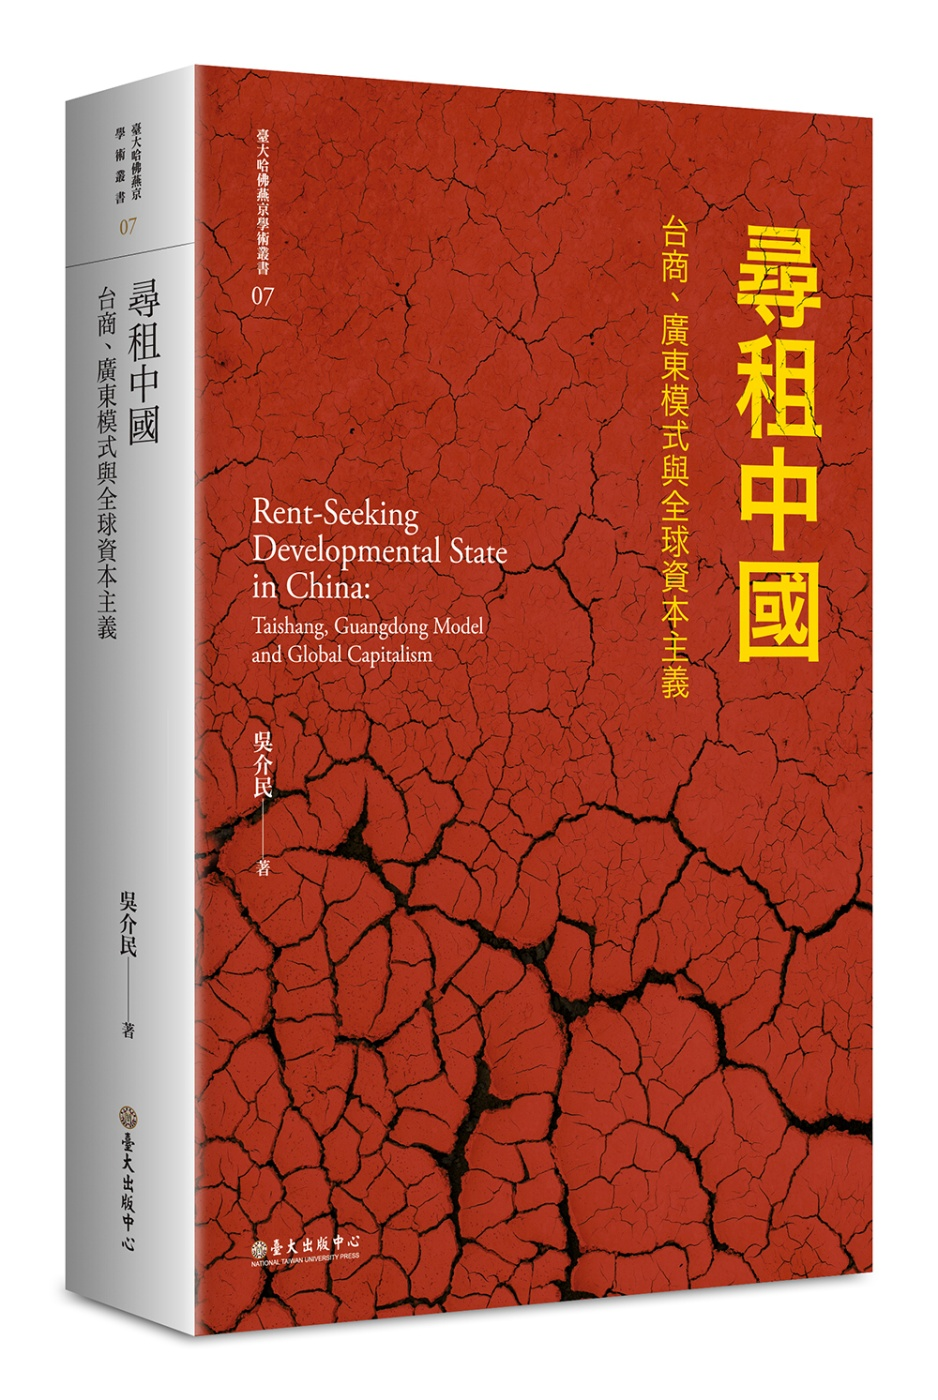 尋租中國:台商、廣東模式與全球資本主義【平裝版】(二版)